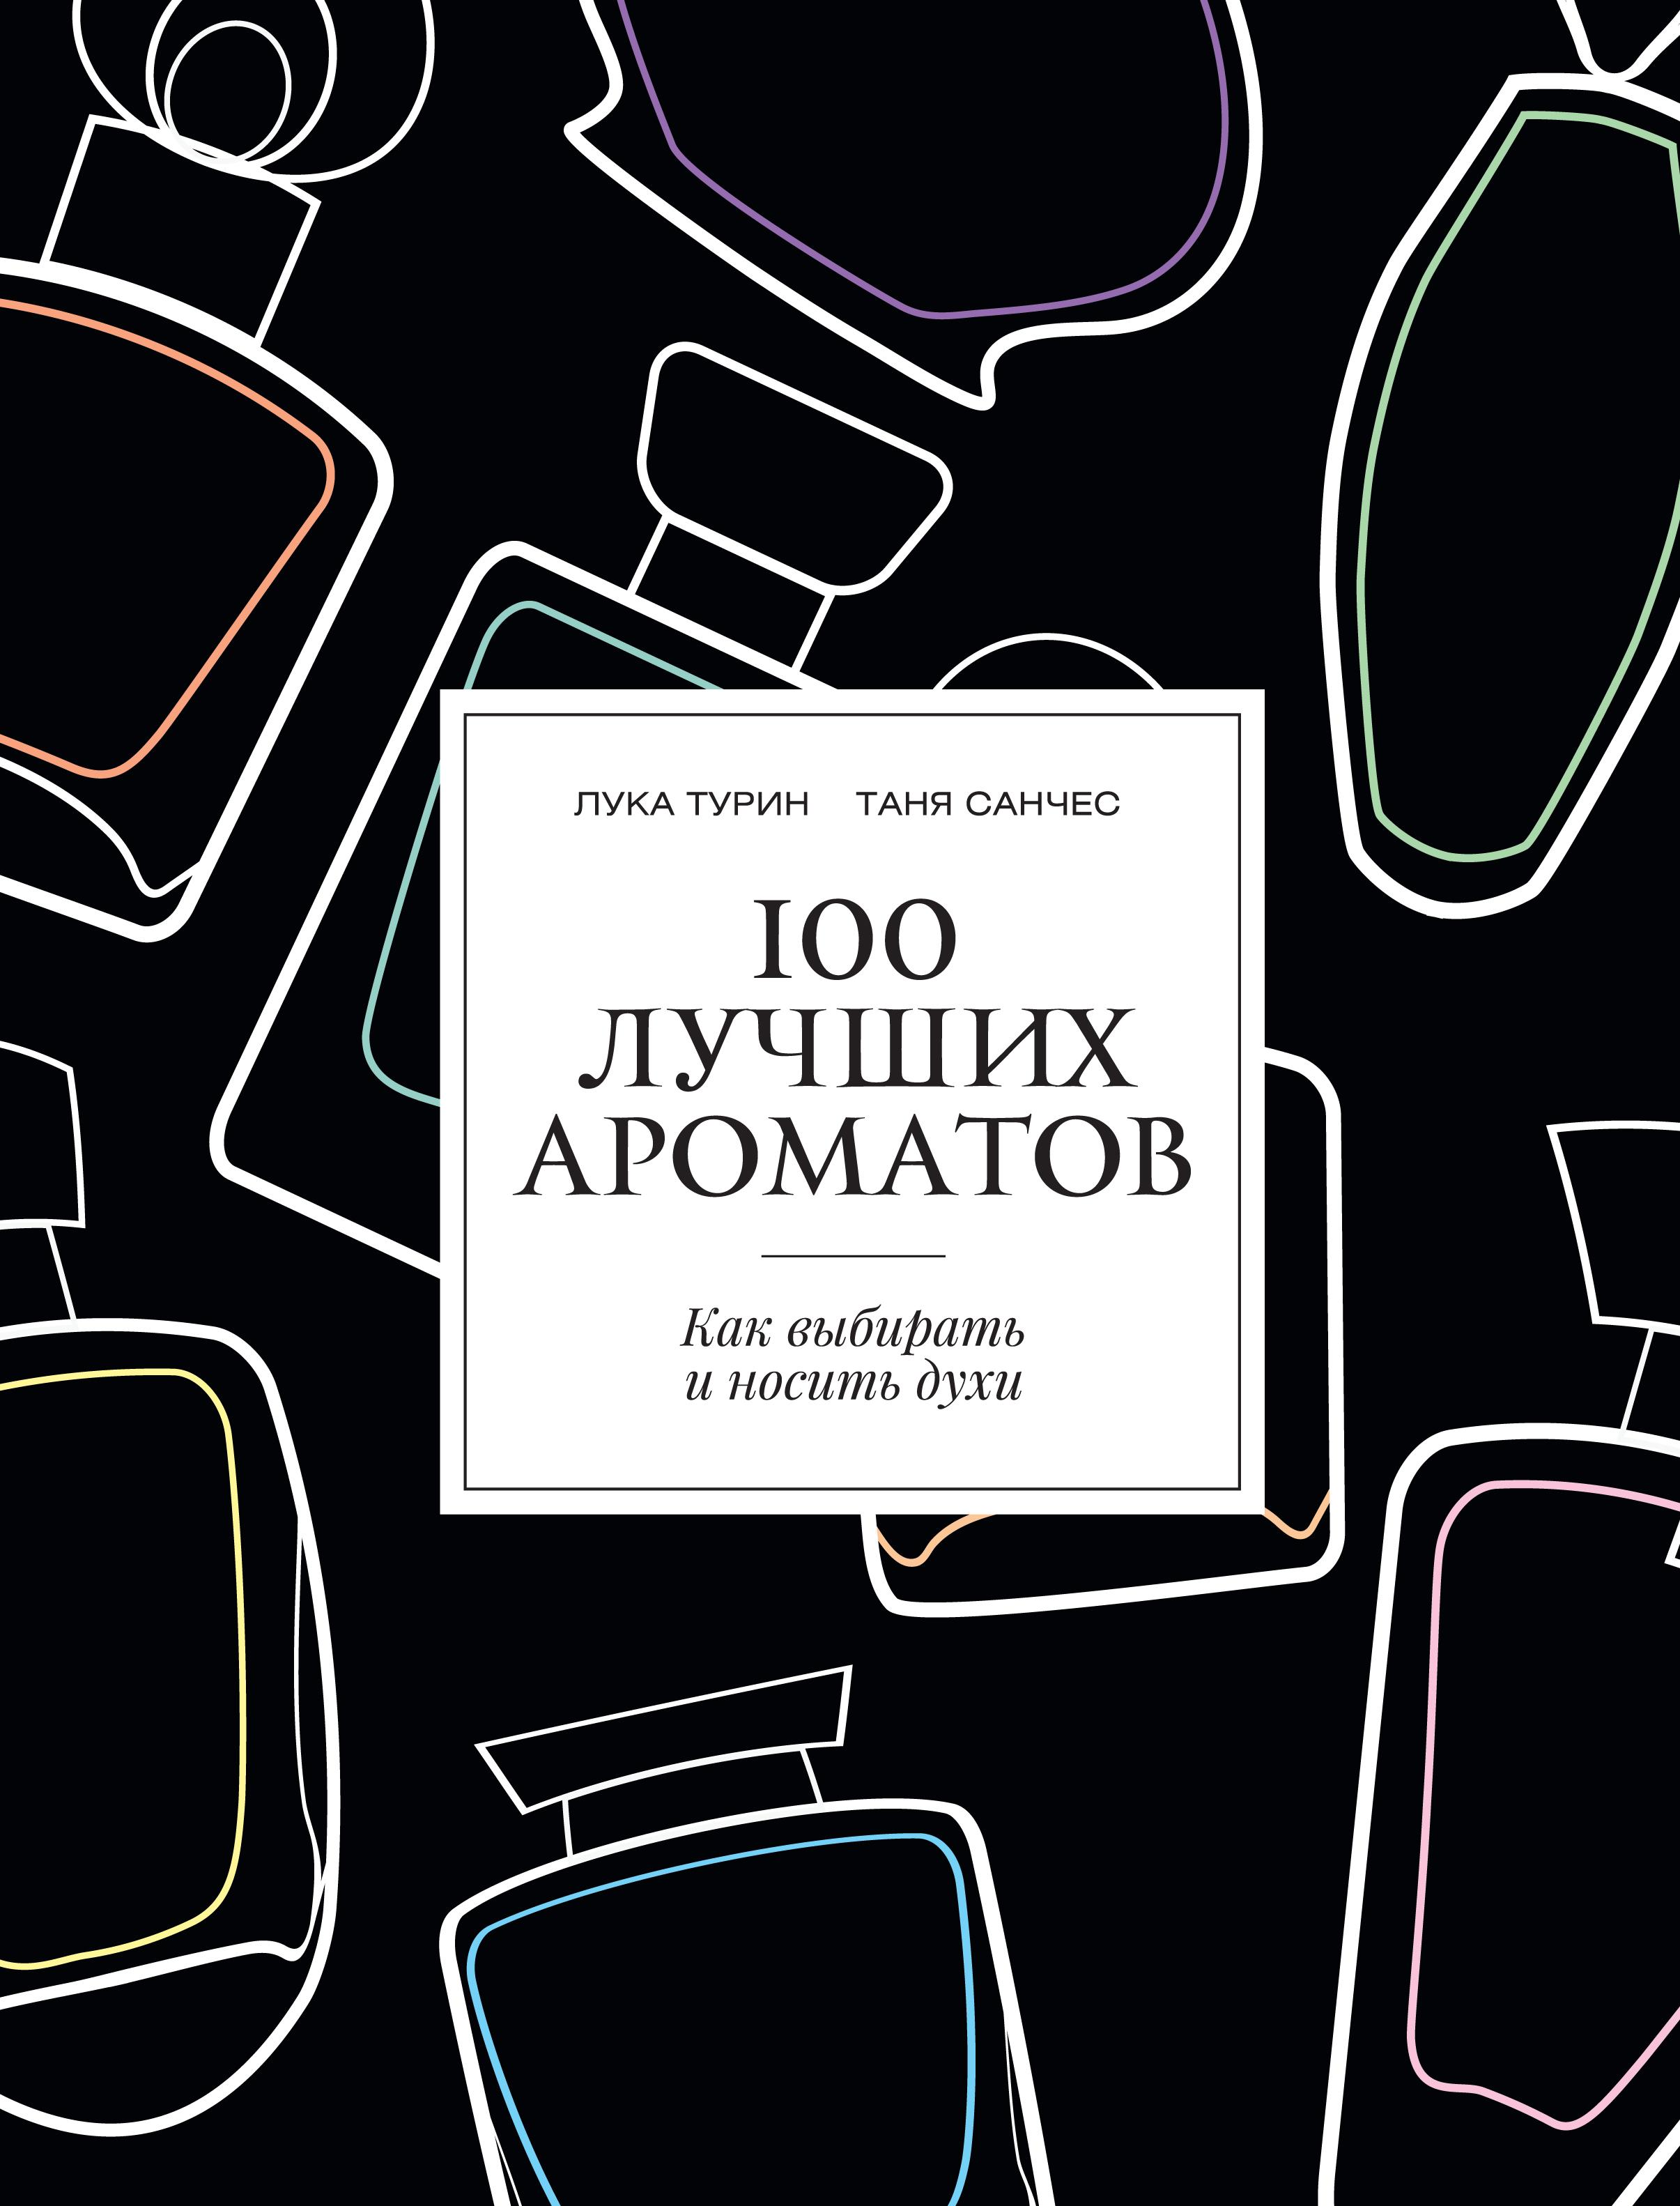 Лука Турин, Таня Санчес. 100 лучших ароматов. Как выбирать и носить духи